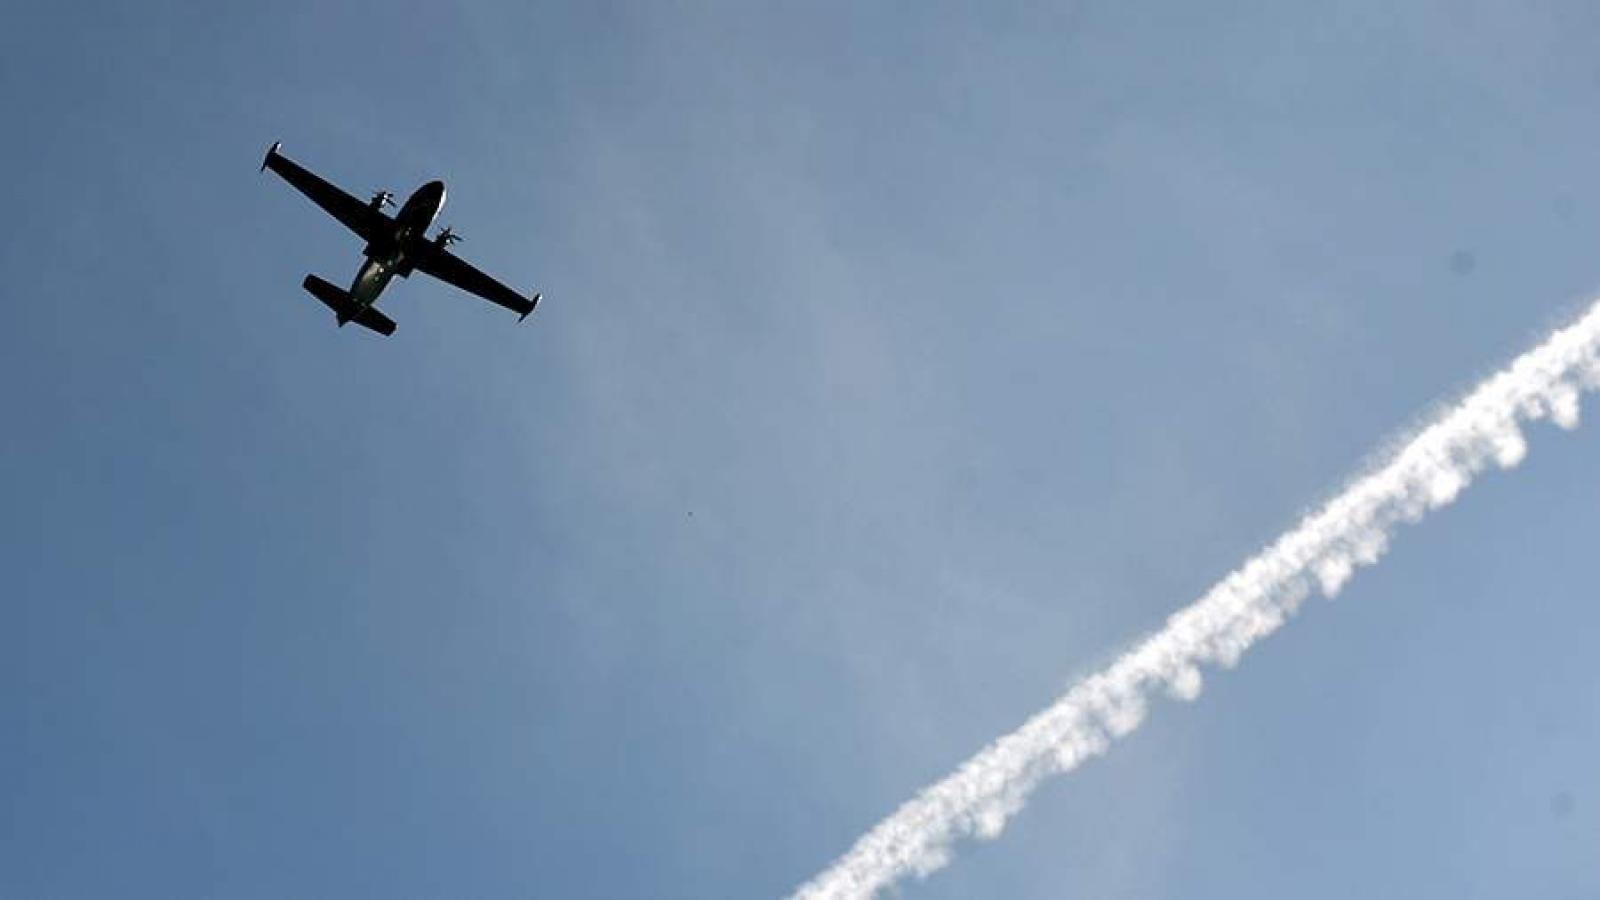 Máy bay An-26 của Nga chở 28 người mất tích bí ẩn ở Kamchatka